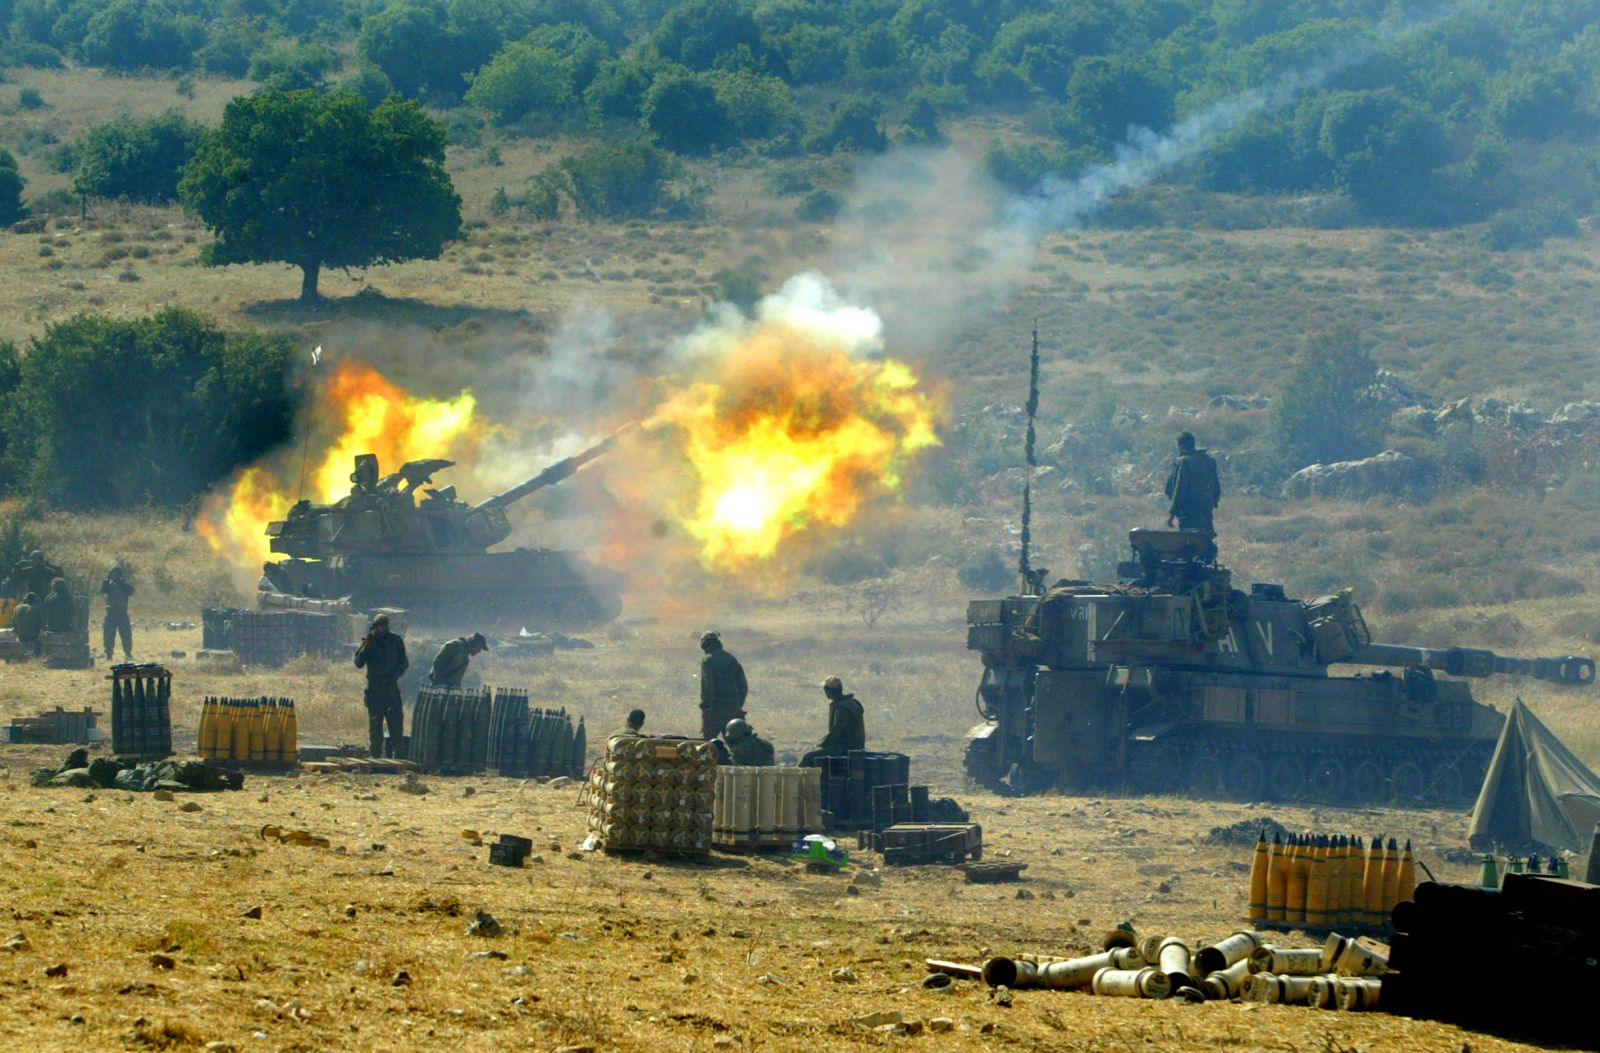 سه مشکل صهیونیستها در جنگ آینده با حزبالله/ دیگر نیازی به تونل نیست /آماده انتشار